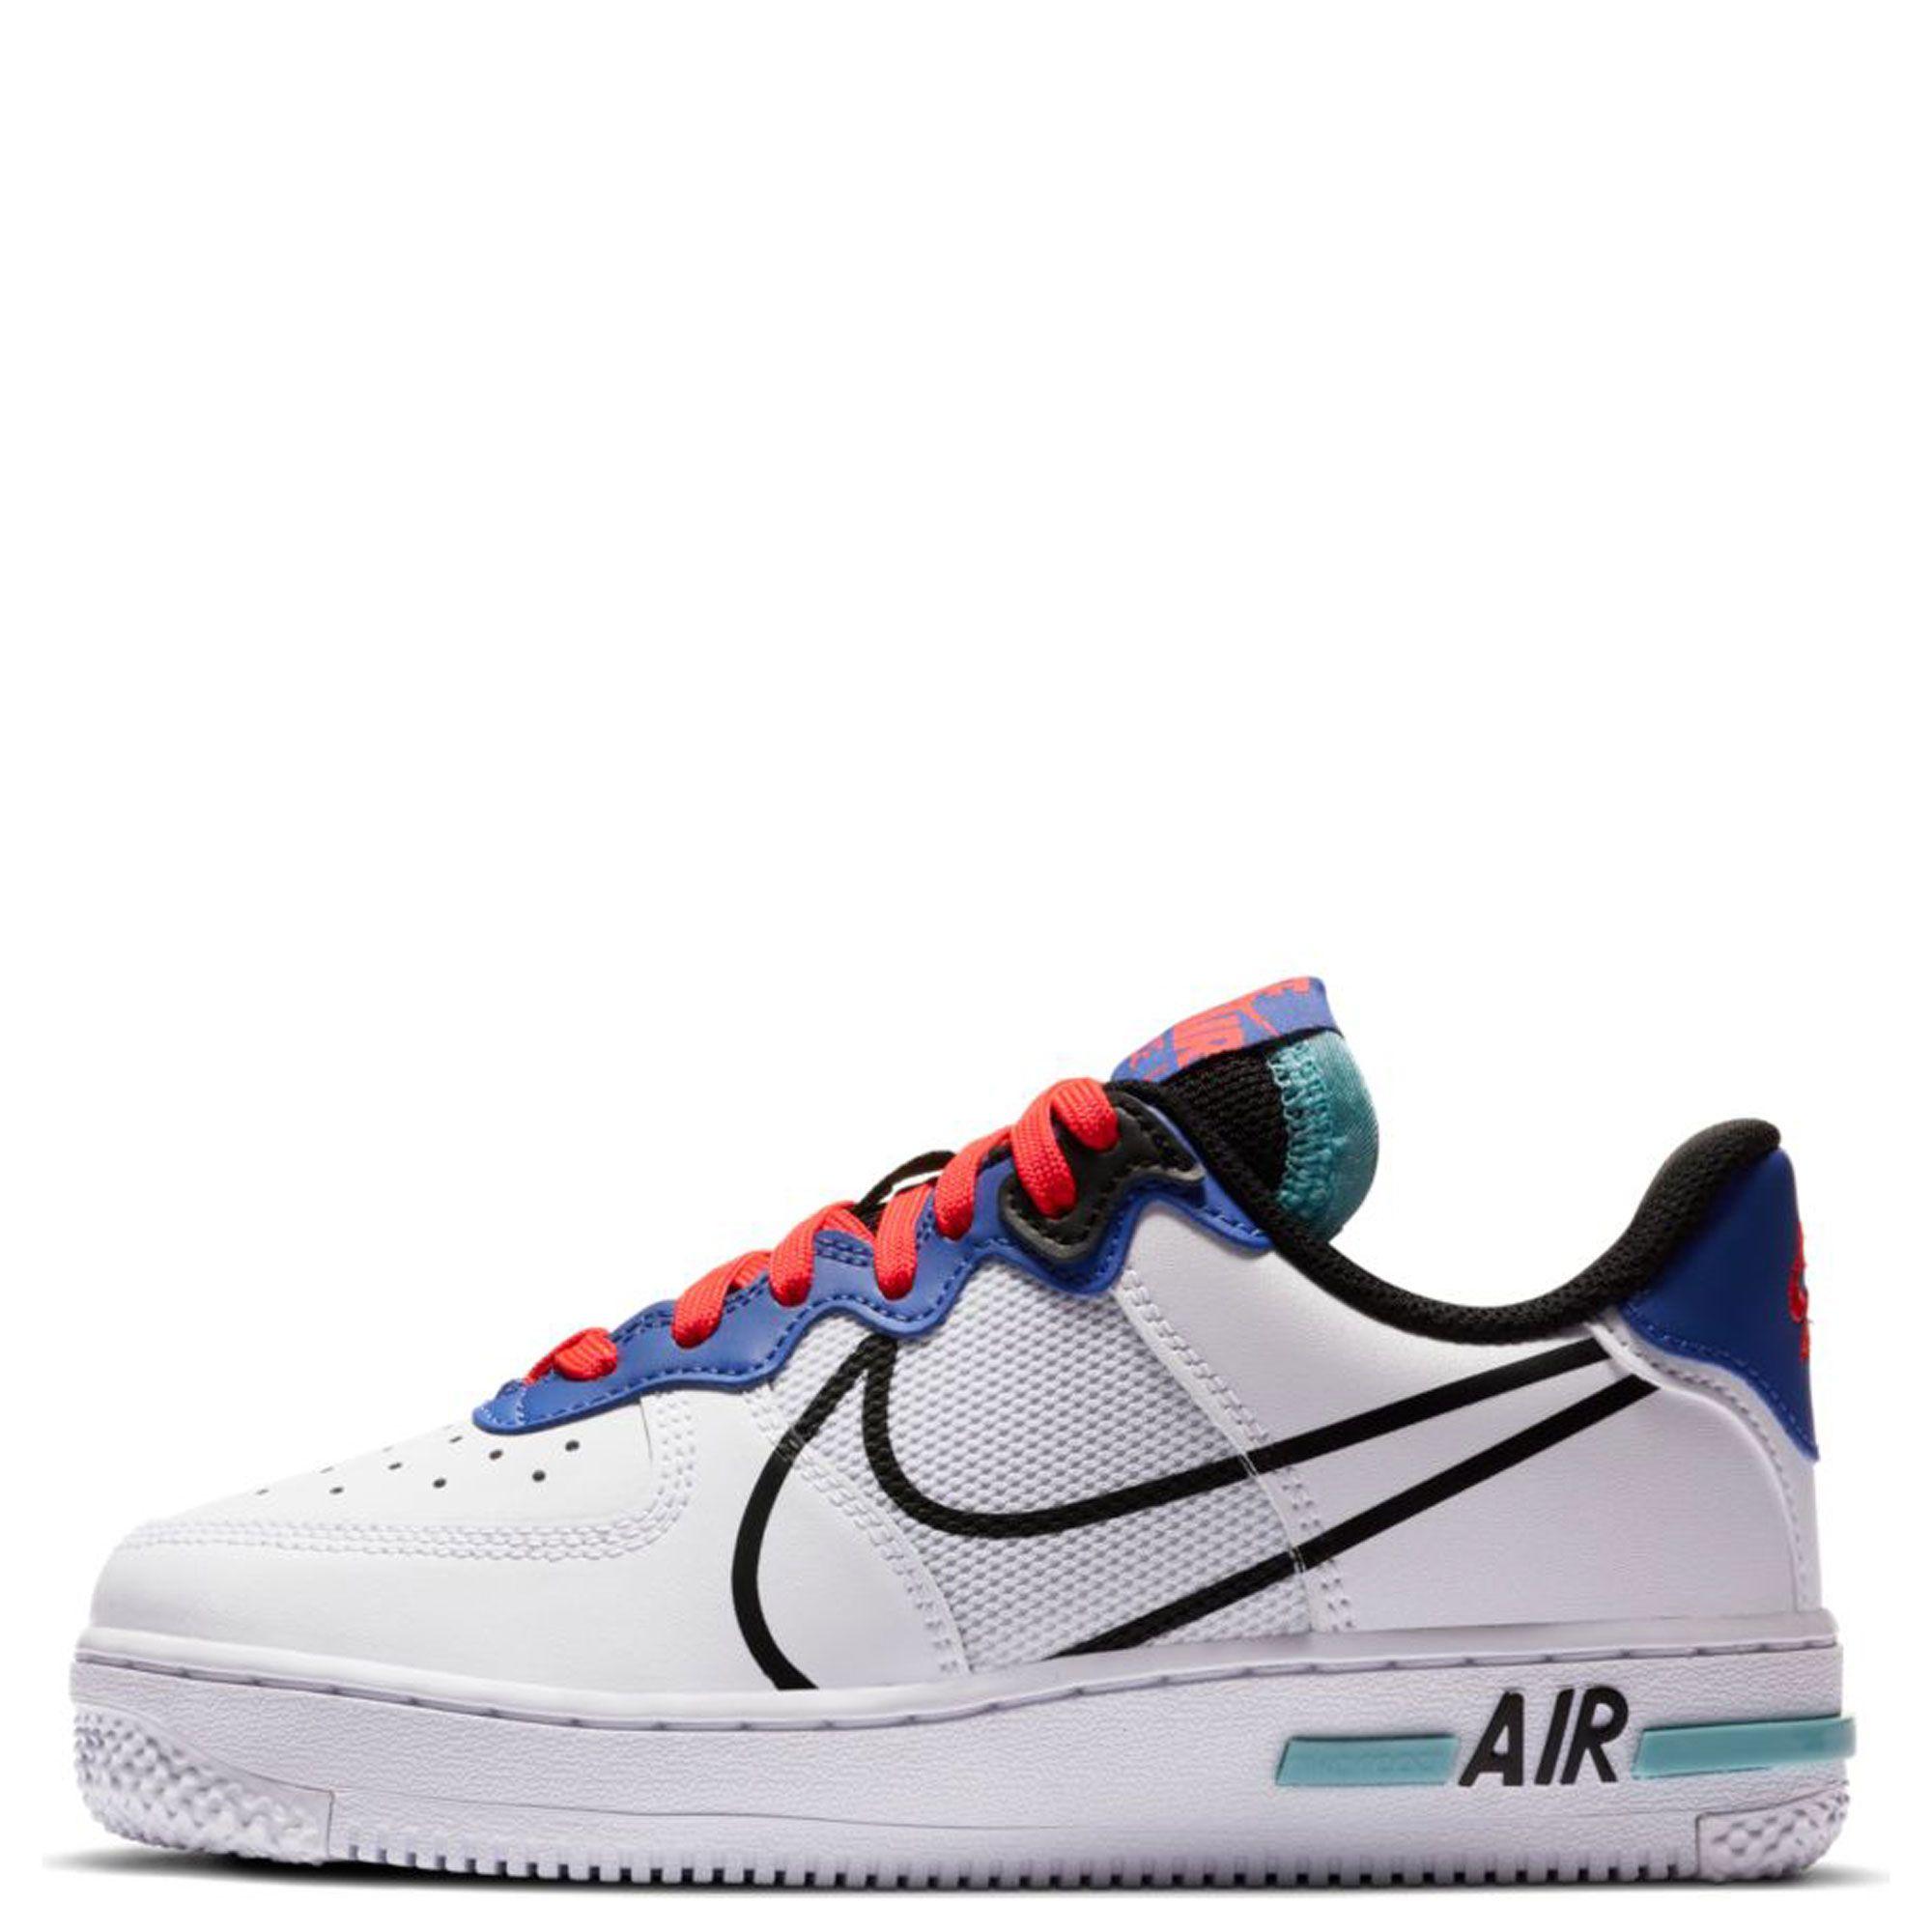 (GS) AIR FORCE 1 REACT